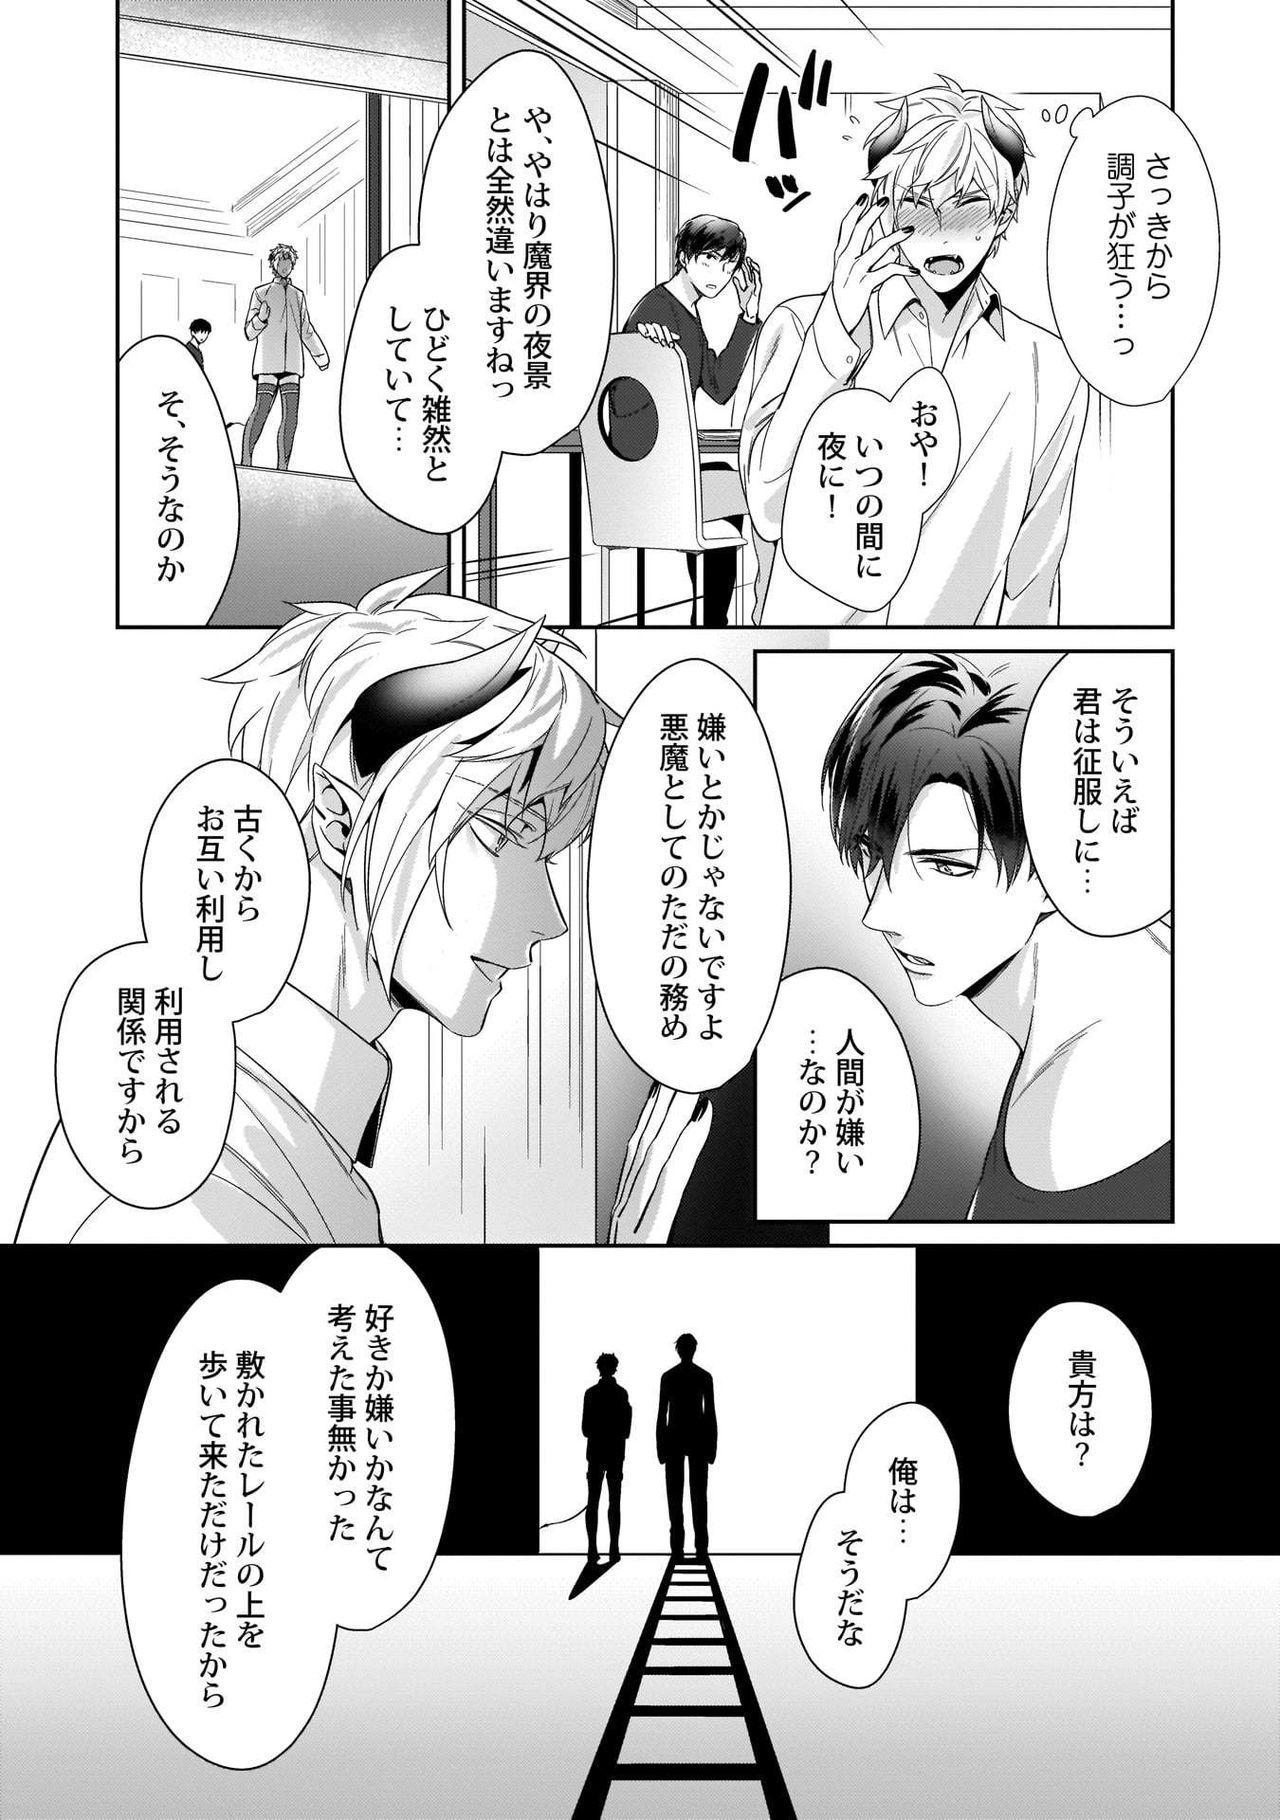 Torokeru kaikan sokuochi akuma 1-2 39